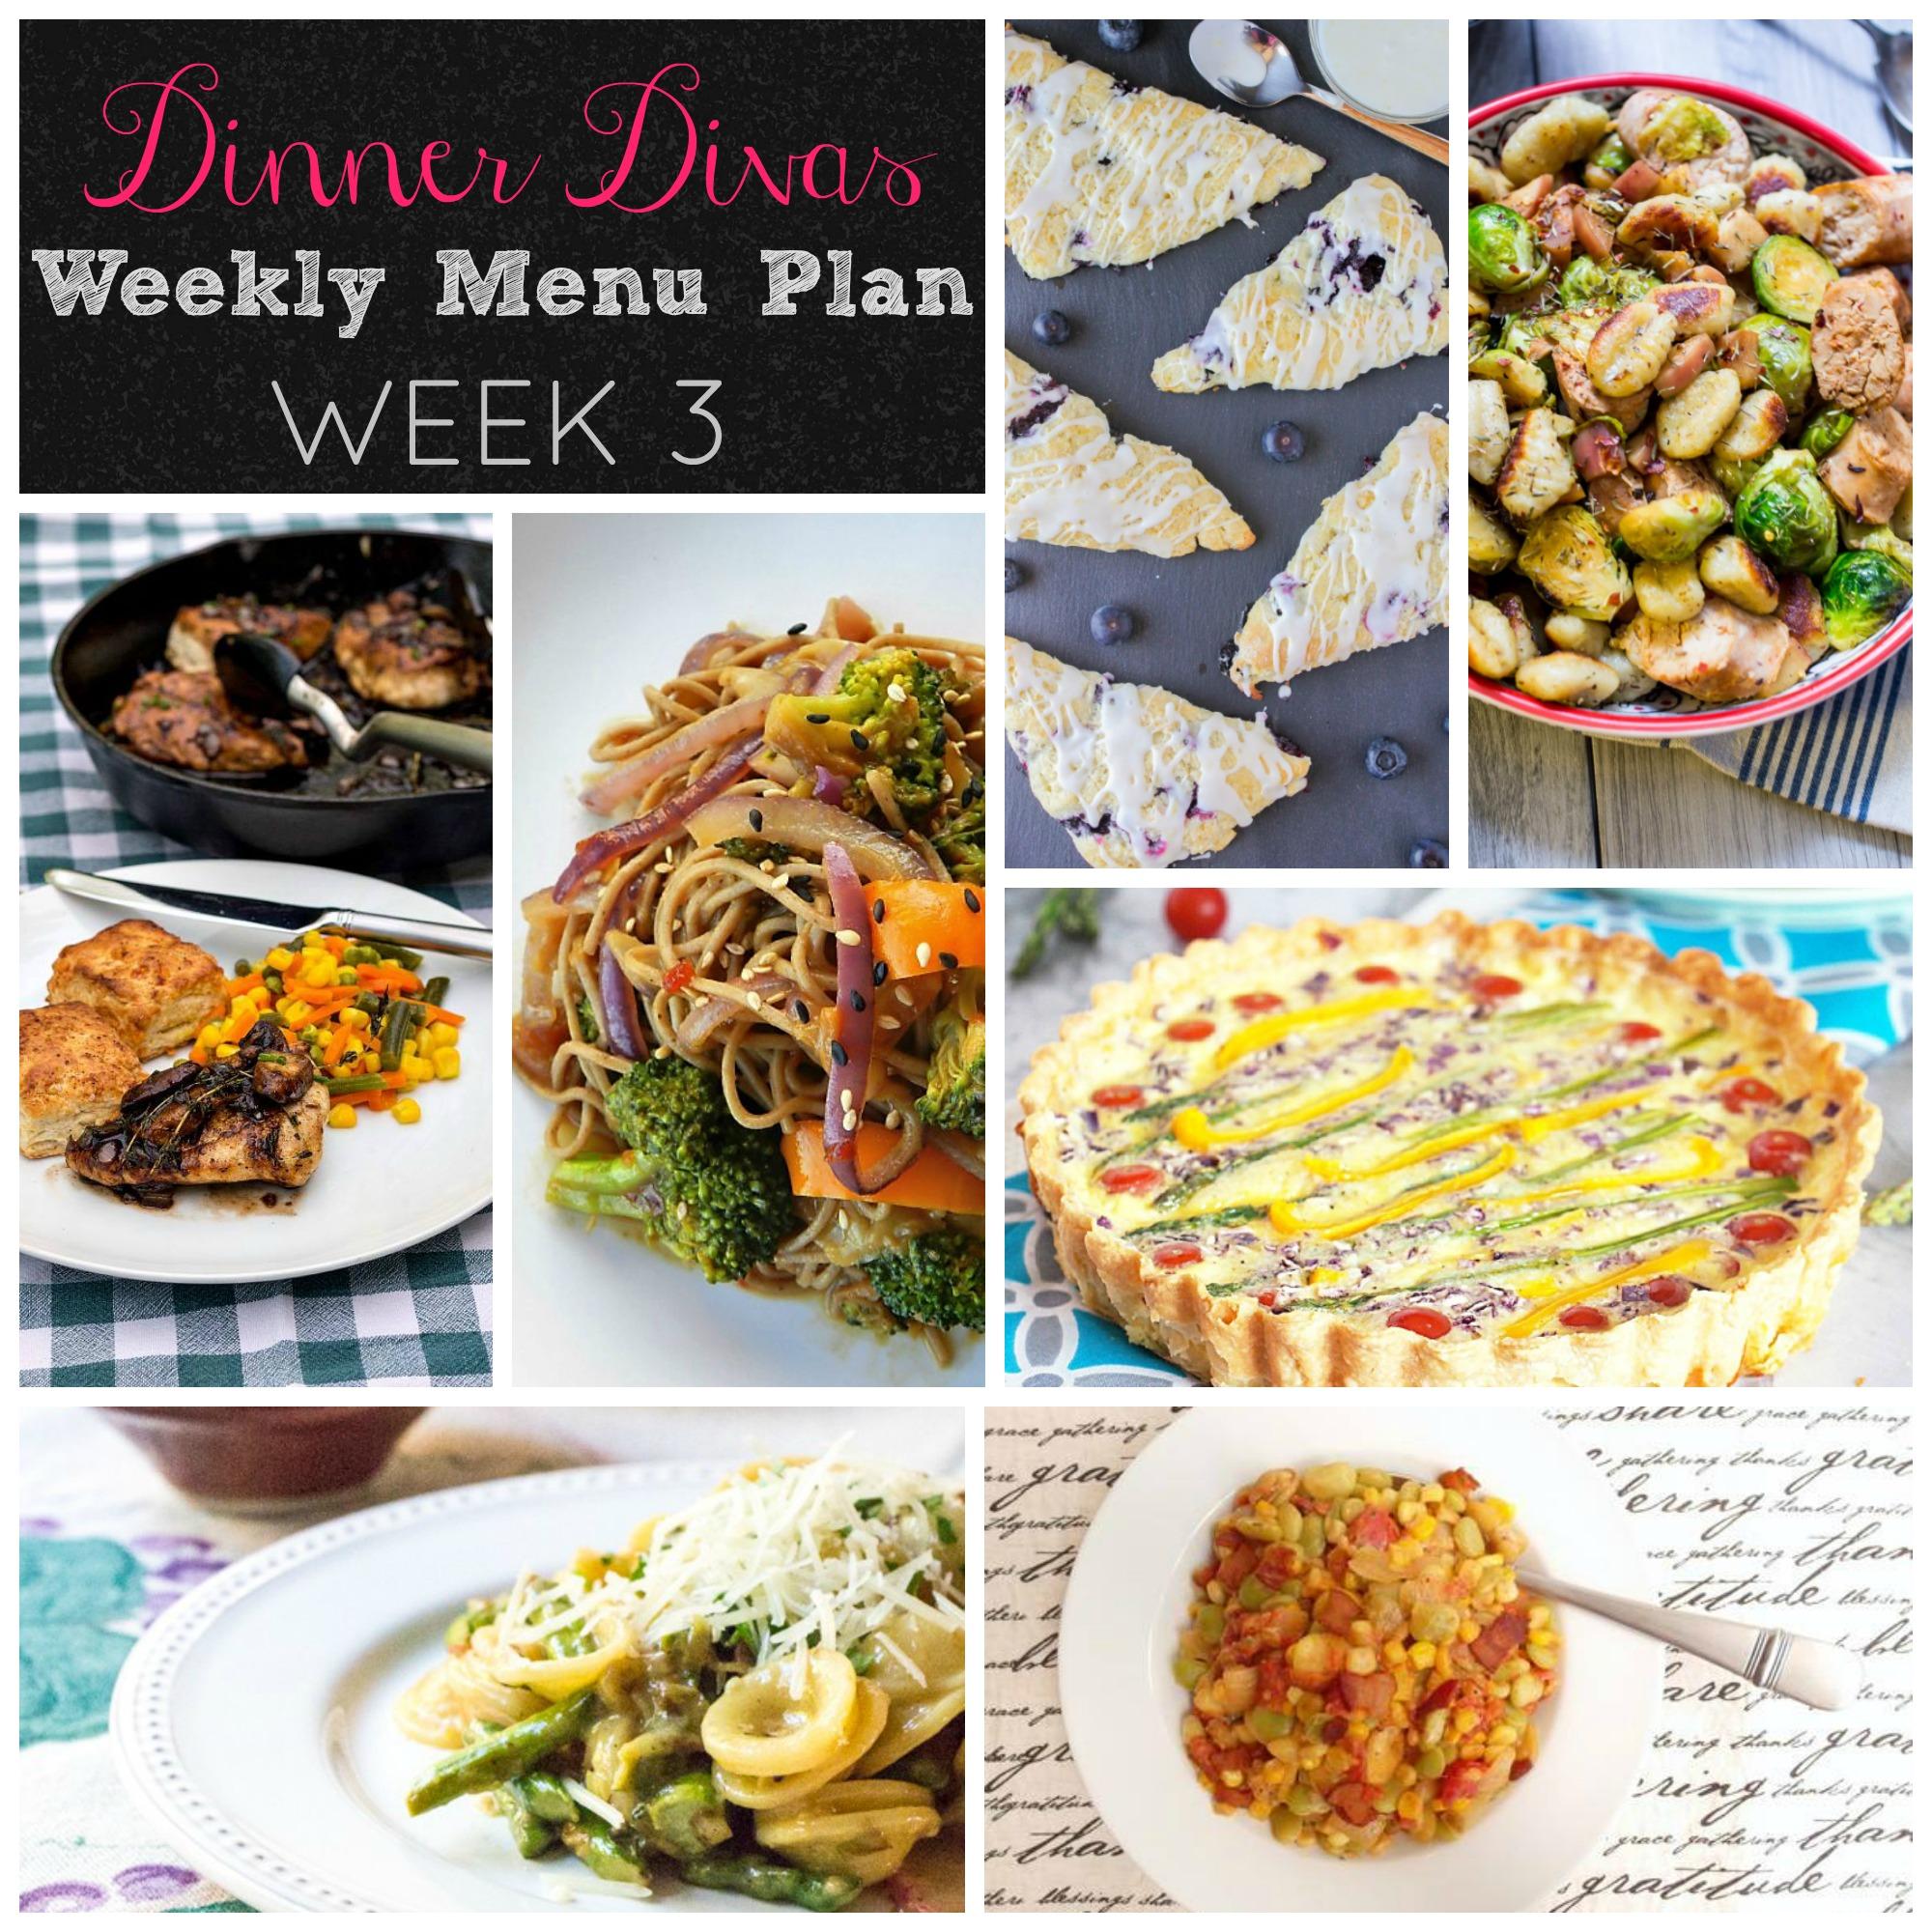 Dinner Divas - week 3